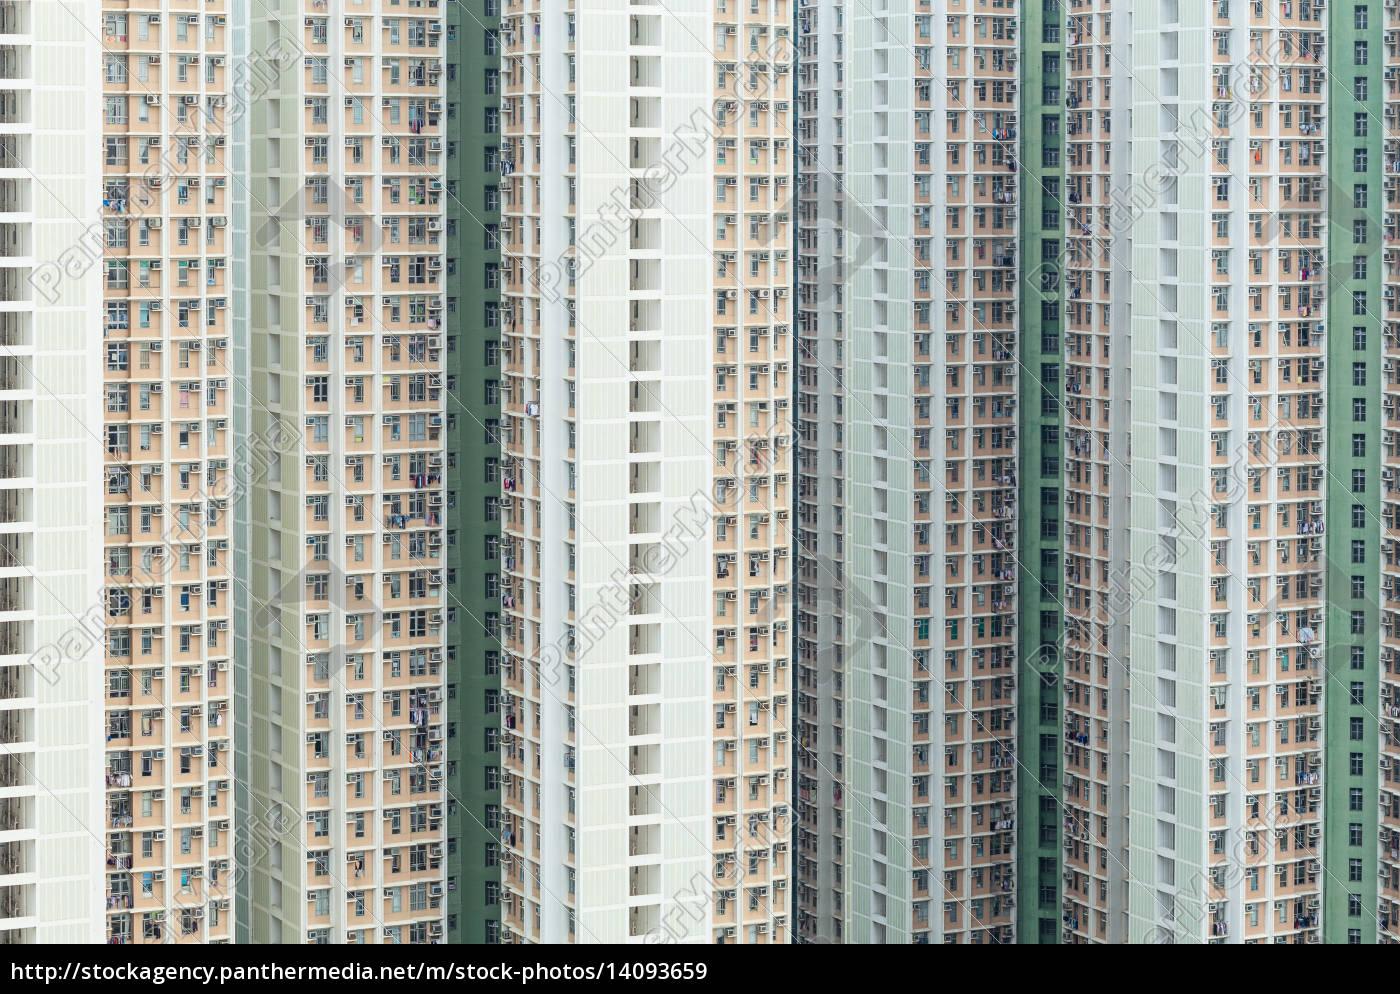 public, housing, in, hong, kong - 14093659